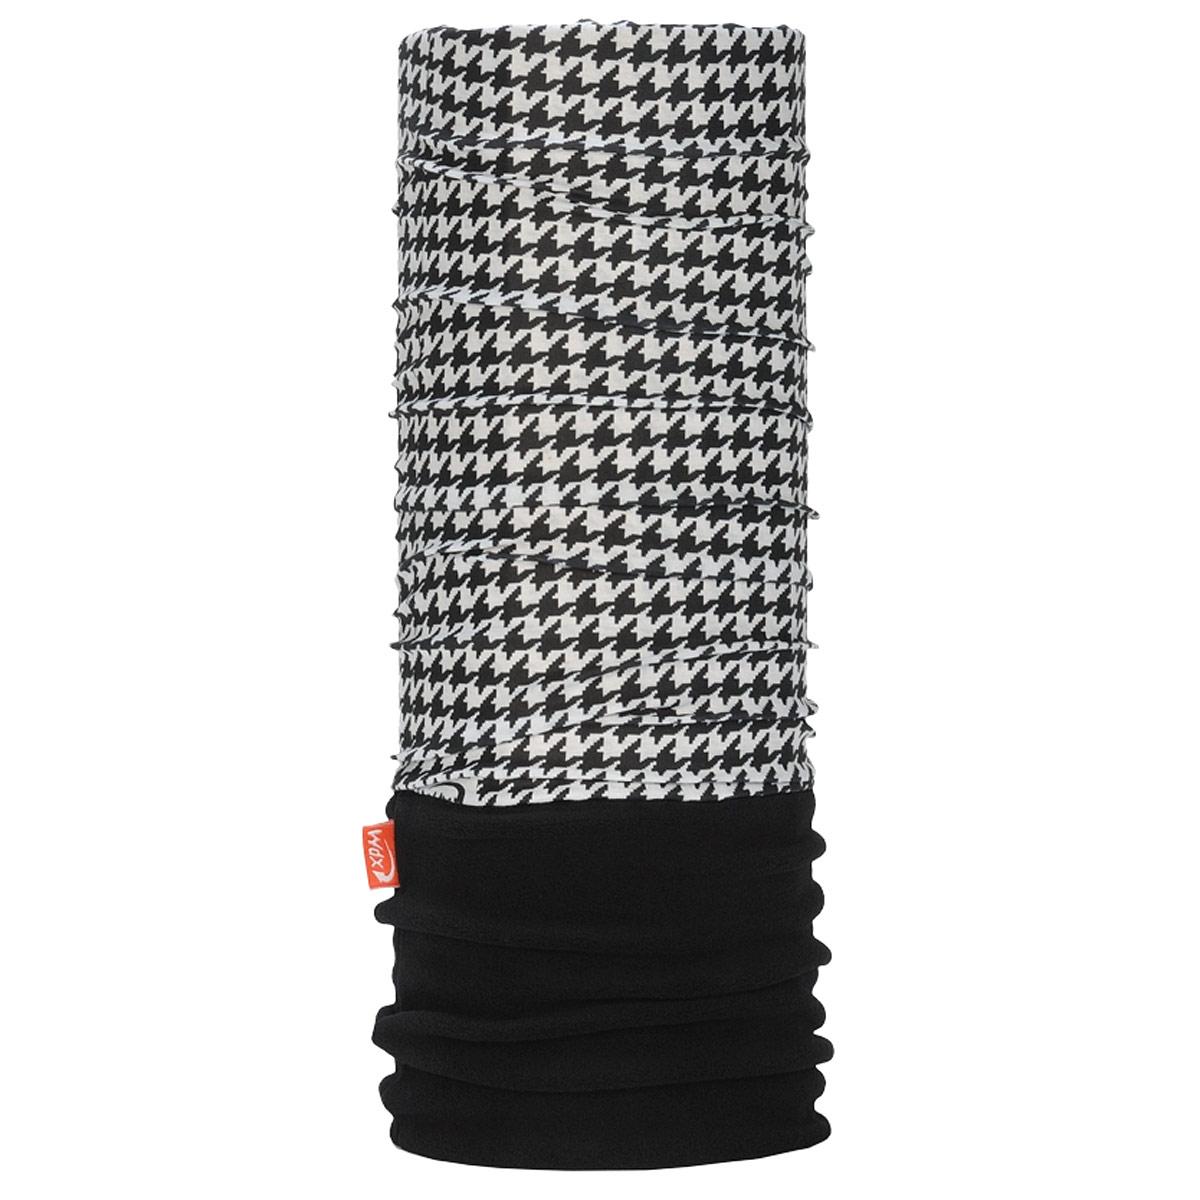 Бандана многофункциональная WindXtreme PolarWind, цвет: черный, белый. УТ-0000572102. Размер 53/62УТ-0000572102_CockМногофункциональный головной убор WindXtreme PolarWind - это очень современный предмет одежды, который защитит вас от самого лютого мороза благодаря комбинации ткани и флиса. Его можно использовать как: шарф, шейный платок, бандану, повязку, ленту для волос, балаклаву и шапку. Подходит для занятий бегом, походов, скалолазания, езды на велосипеде, сноуборда, катания на лыжах, мотоциклах, игры в хоккей, а так же для повседневного использования.Сочетание ткани и флиса Pilhot из микроволокна гарантируют дополнительные тепло и комфорт, отведение влаги, быстрое высыхание, очень эластичны, принимают практически любую форму. Обладает антибактериальным эффектом.Уважаемые клиенты!Размер, доступный для заказа, является обхватом головы.